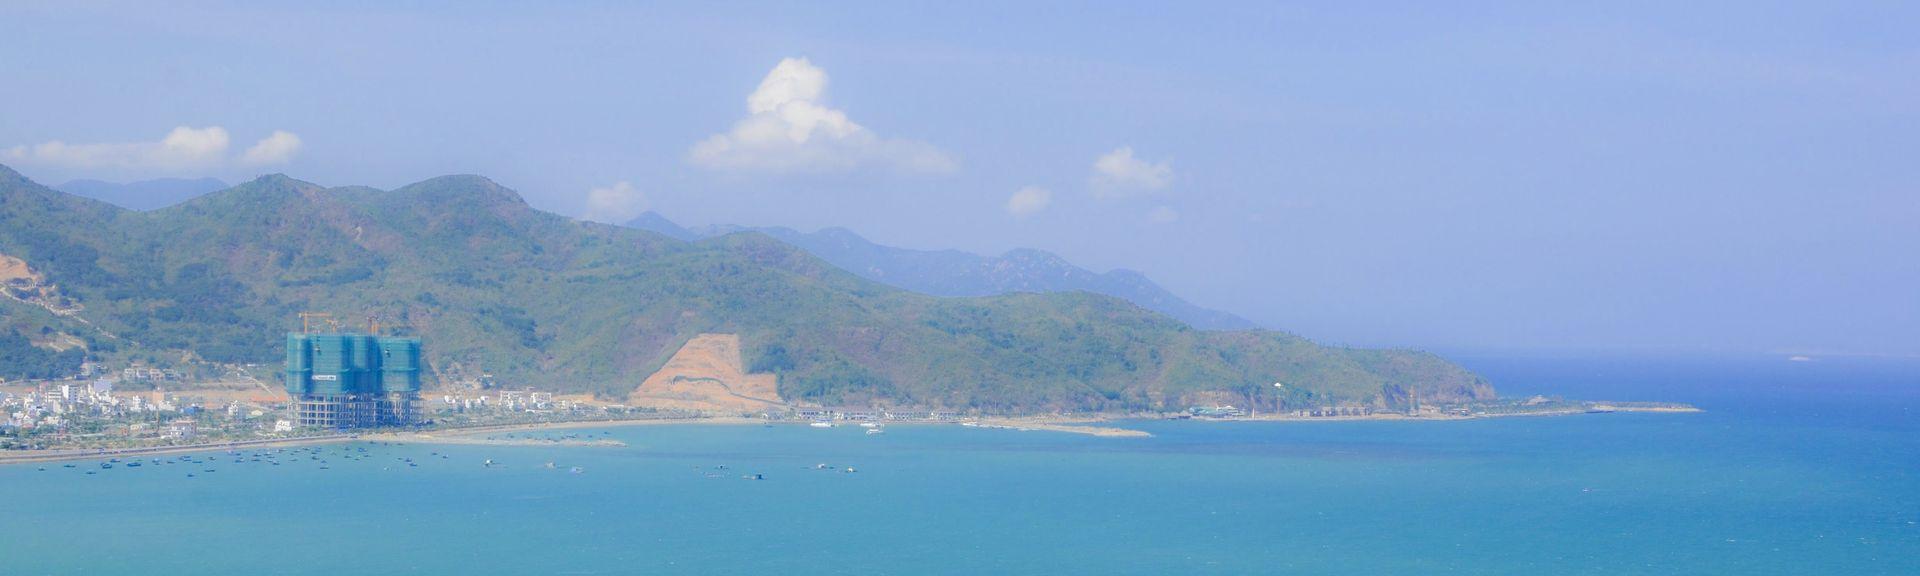 Diên Khánh District, Khanh Hoa Province, Vietnam